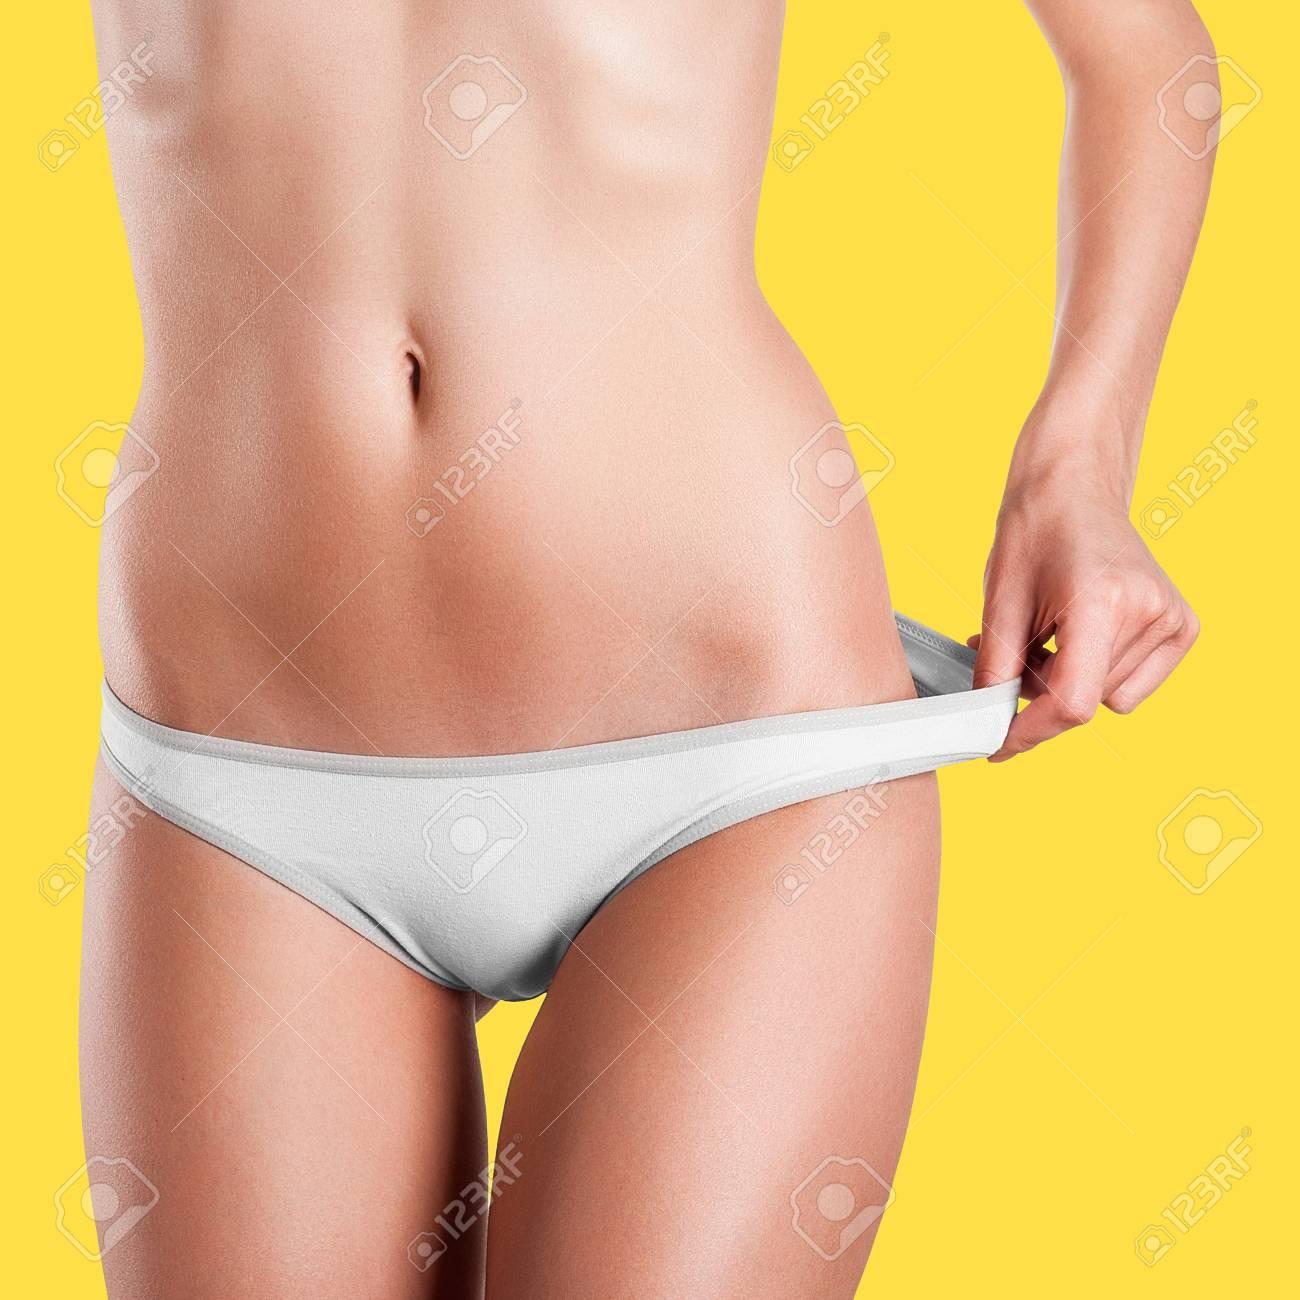 7486ffa096b177 Mädchen in einem schönen Körper zieht weiße Unterwäsche von der Taille  Standard-Bild - 32082604